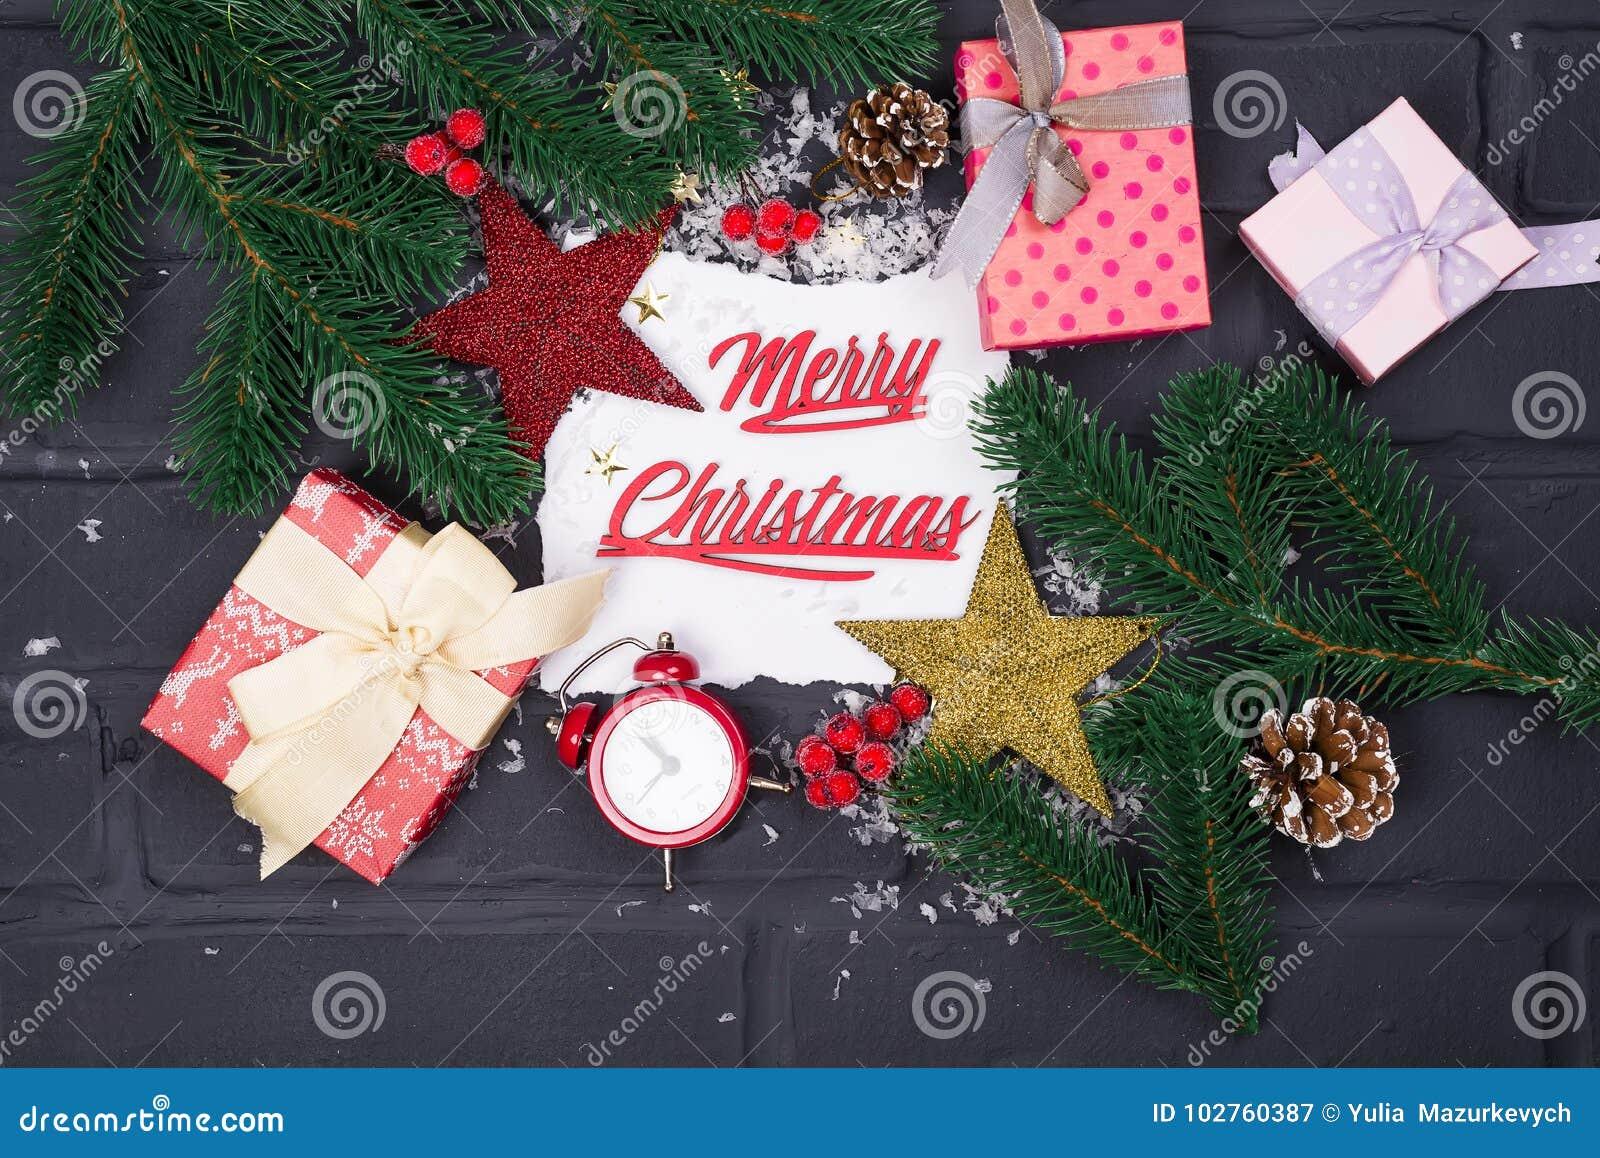 La vue des branches d arbre de Noël, des boîte-cadeau, des horloges rouges et de Noël joue autour d une feuille de papier blanche